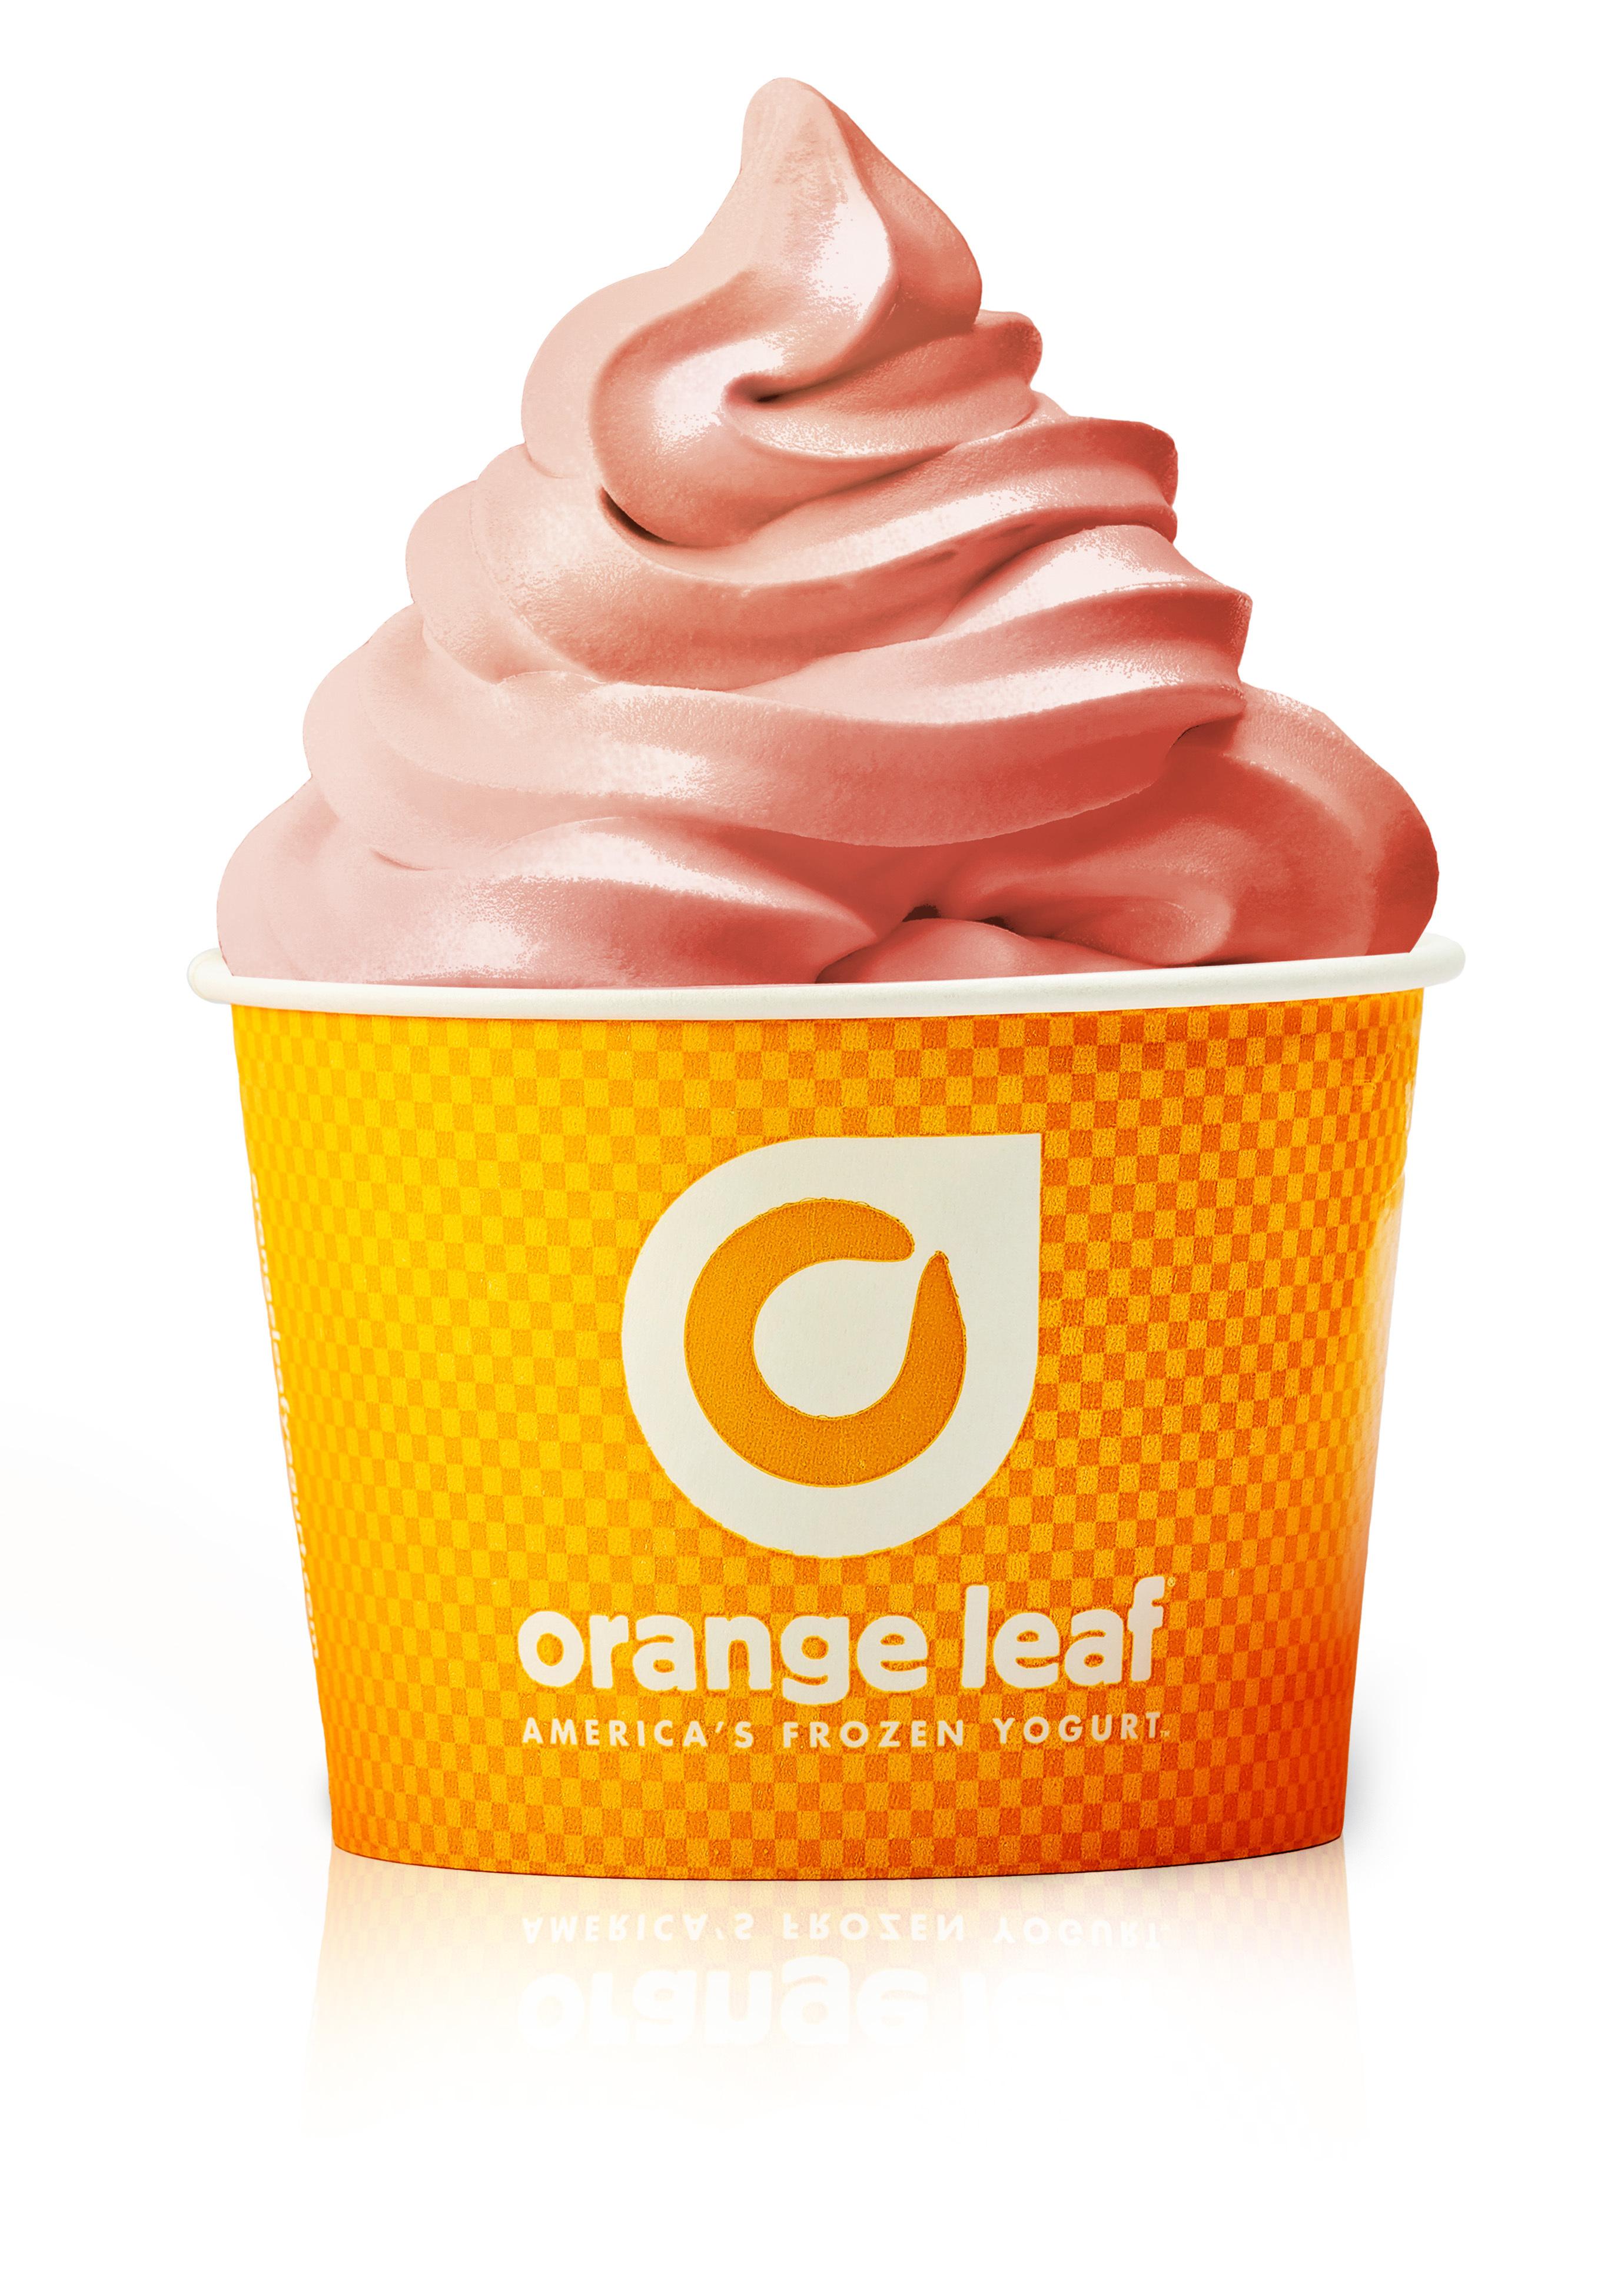 Orange Leaf Frozen Yogurt's Newest Flavor: Dairy Free Pink Lemonade (Photo: Business Wire)